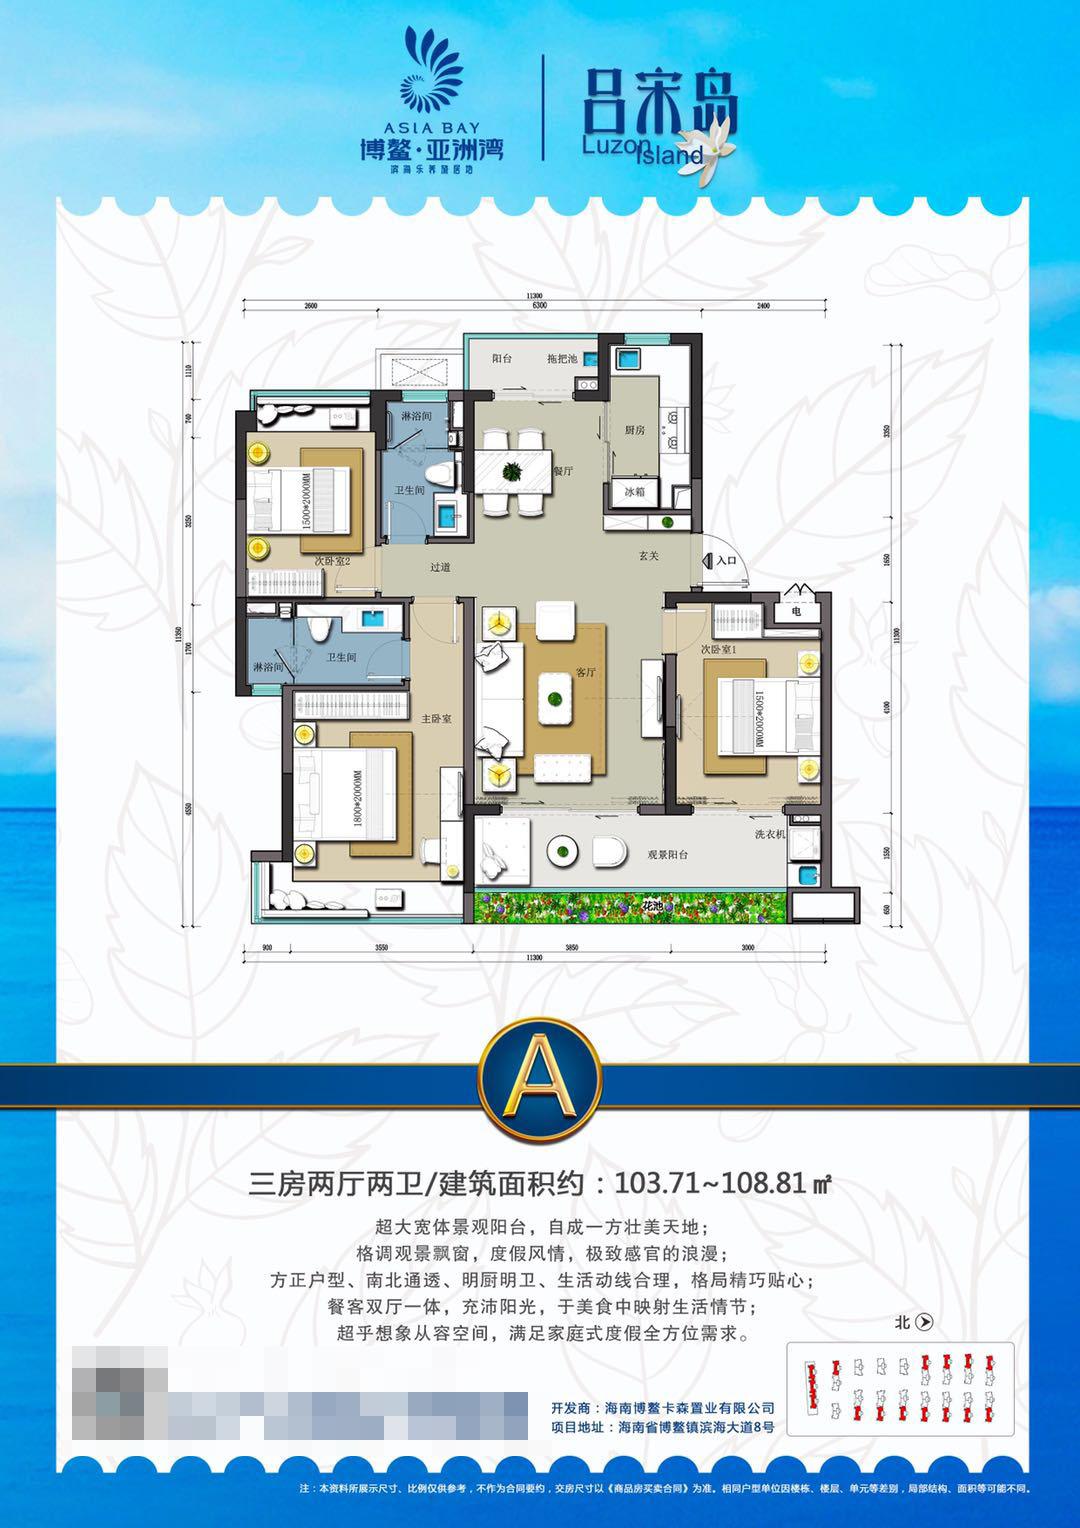 吕宋岛A户型 3房2厅2卫 建面约103.71-108.81㎡